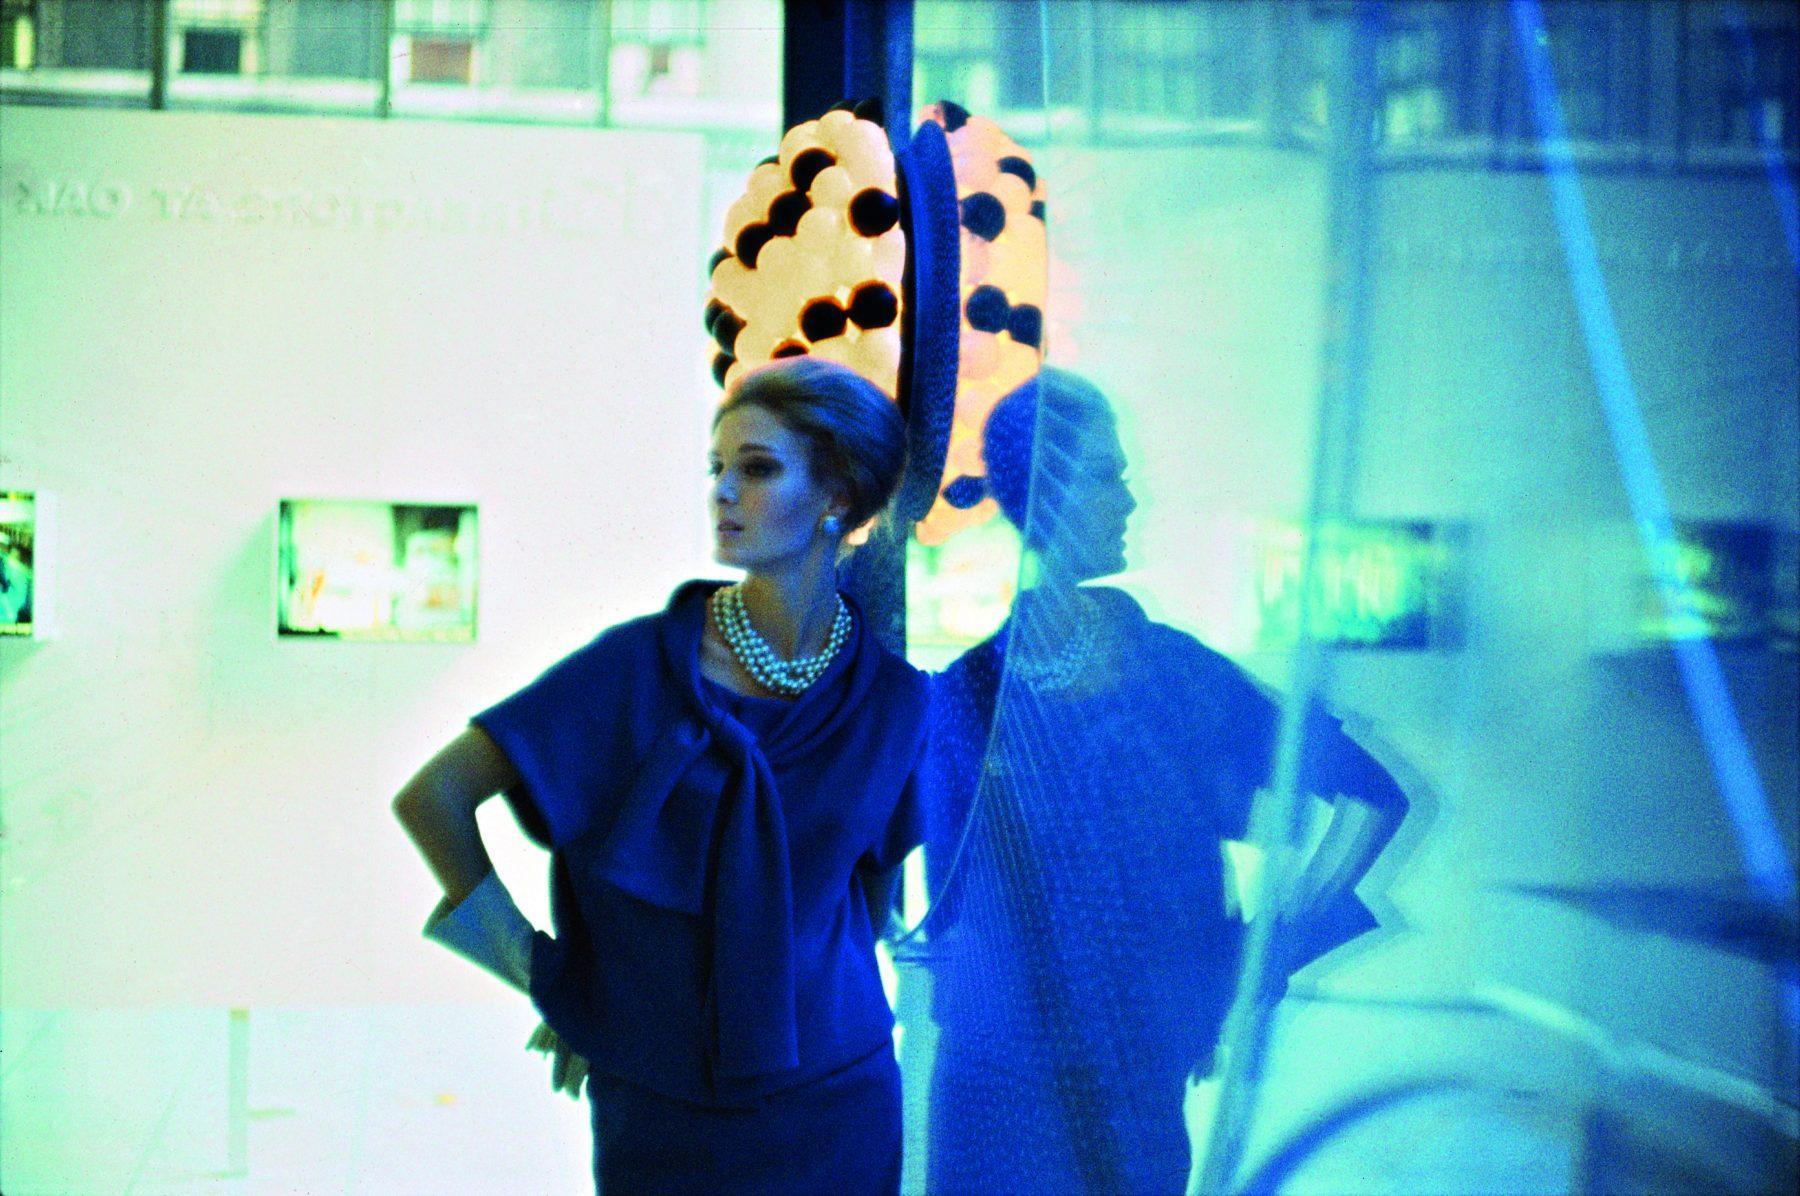 布鲁斯戴维森的彩色照片,时尚,女人, Vogue,60年代